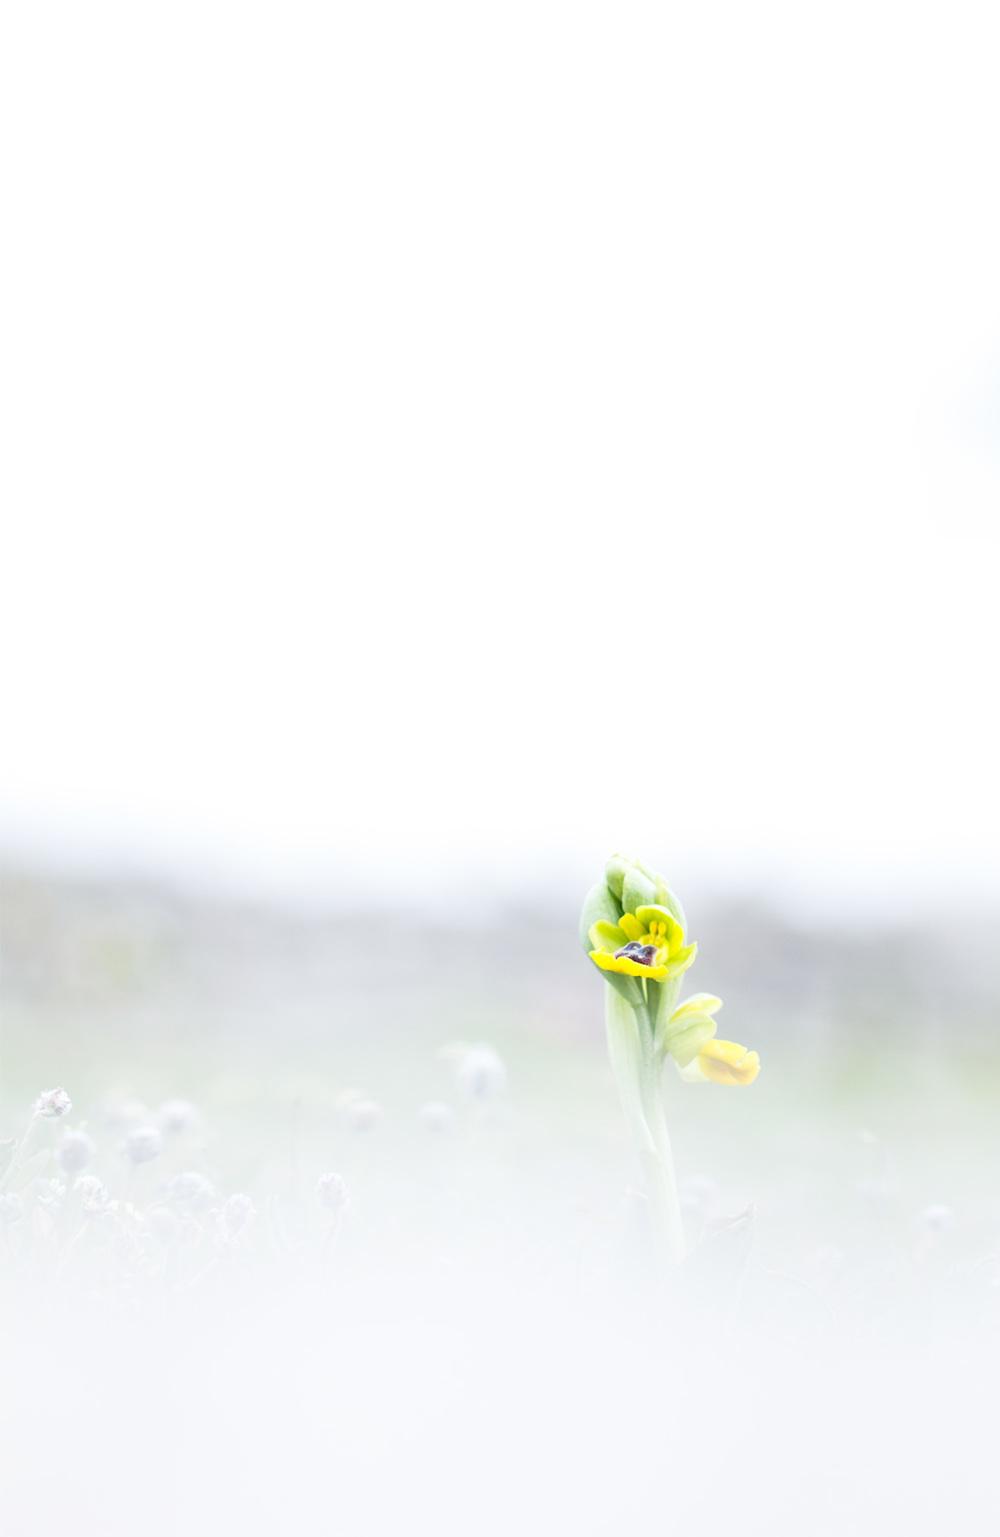 pnsac primavera flor orquídea